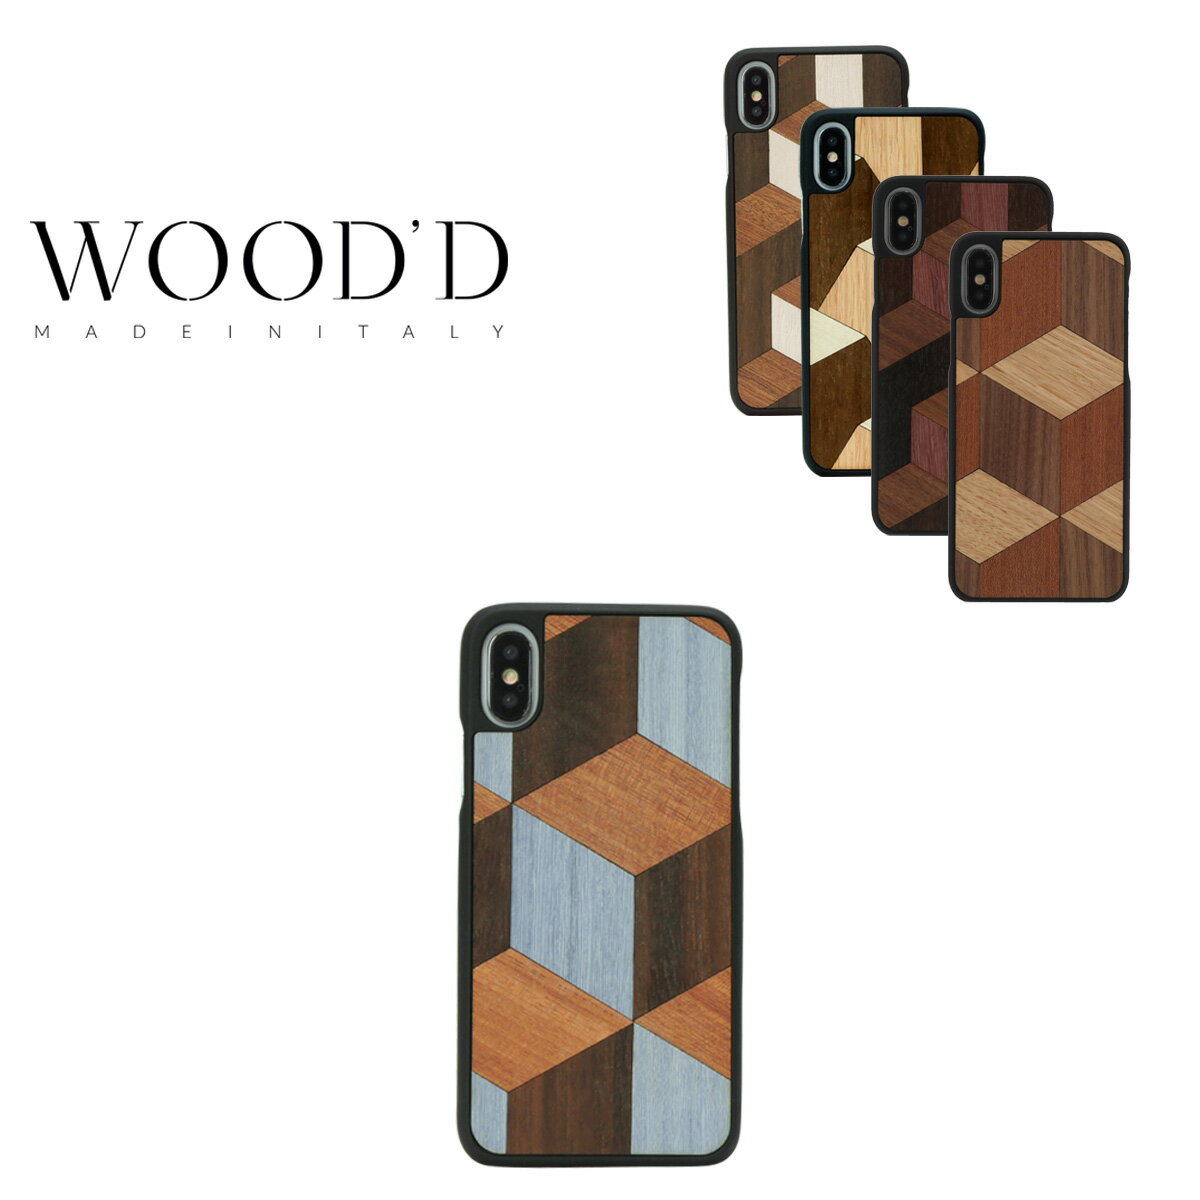 Wood'd iPhoneX ケース レディース メンズ アイフォン スマホケース スマートフォン カバー Real wood Snap-on covers GEOMETRIC ウッド 【PO10】【bef】【即日発送】